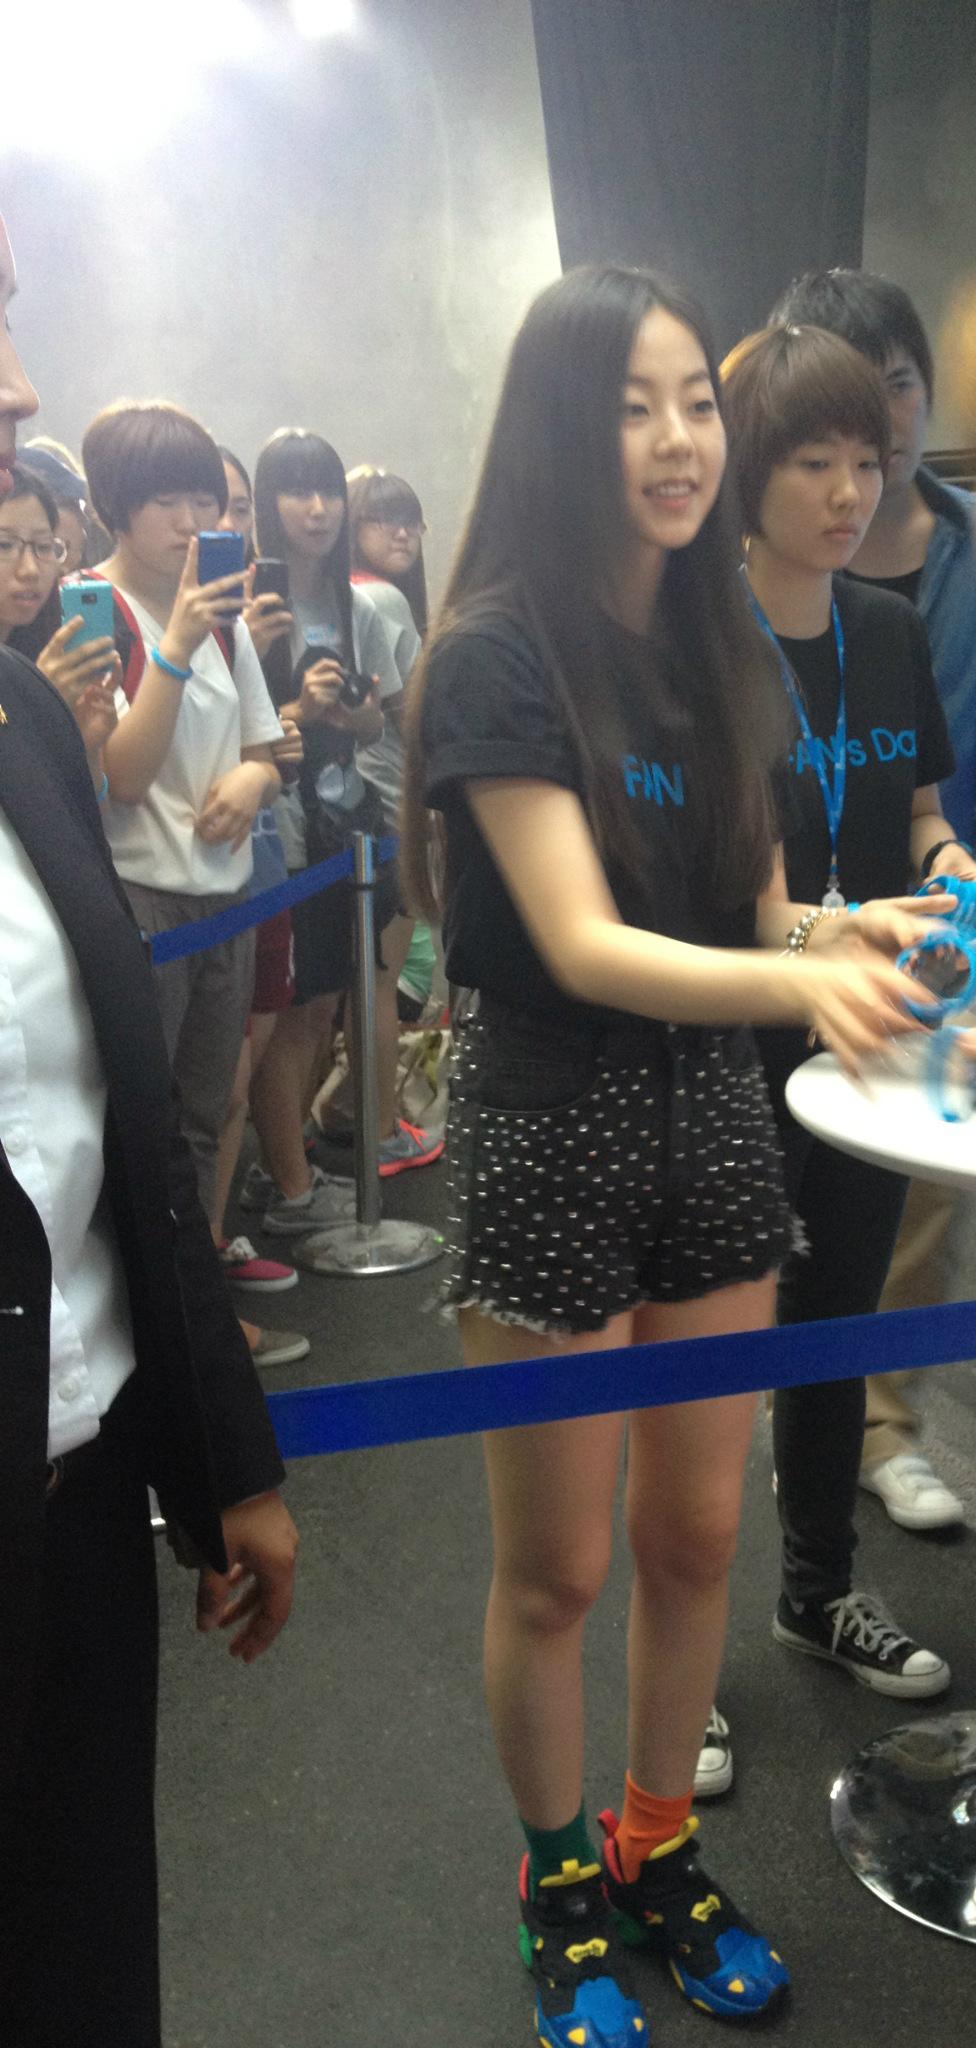 [JYP Fan's Day] Sohee greets fans with bracelet http://t.co/sH80ukCg